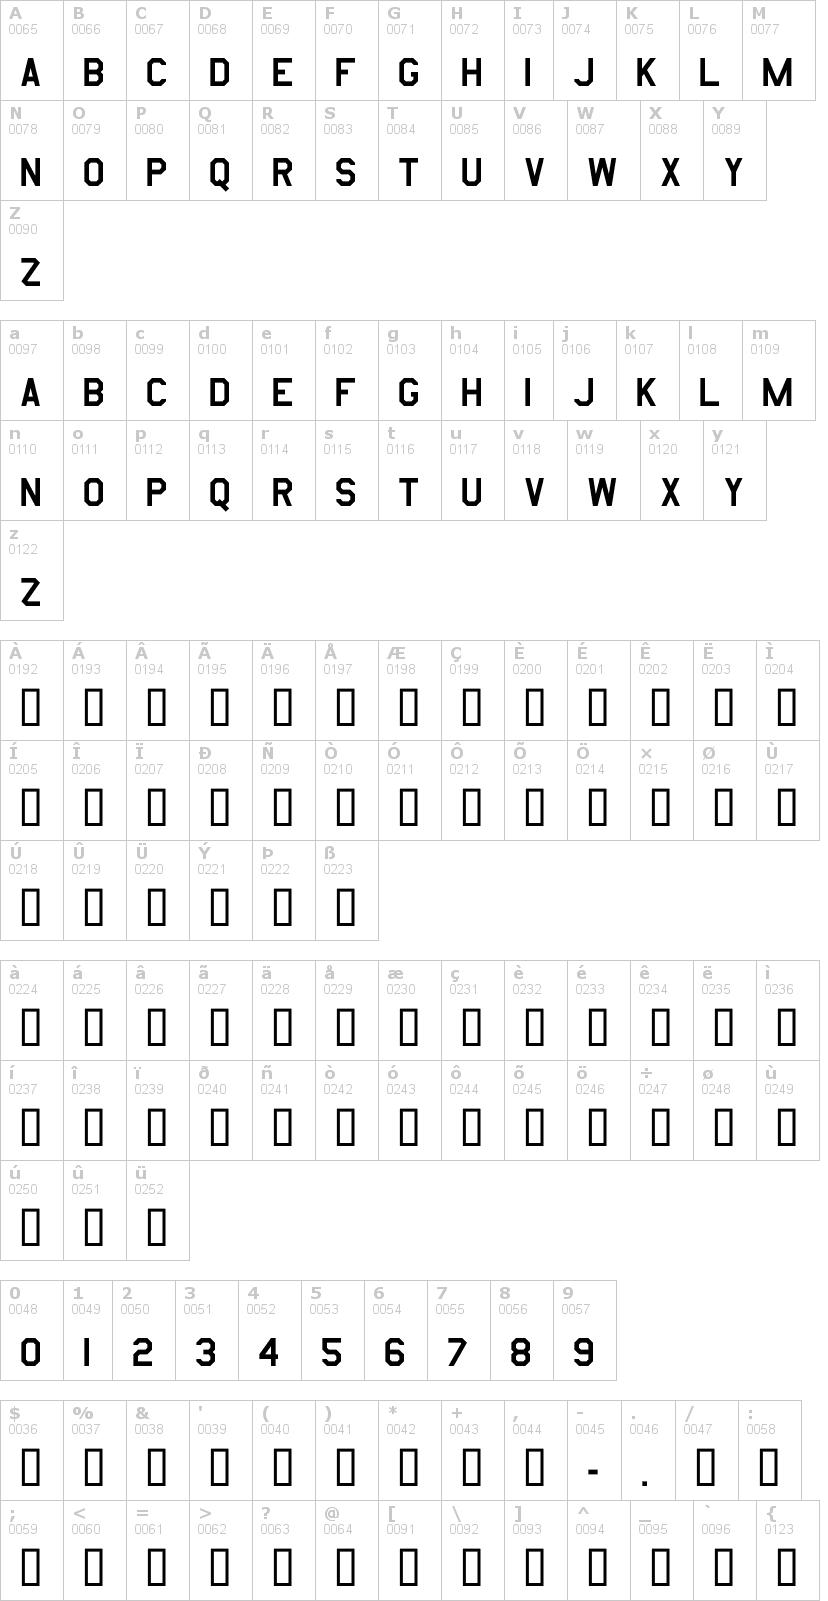 Lettere dell'alfabeto del font amarillo-usaf con le quali è possibile realizzare adesivi prespaziati